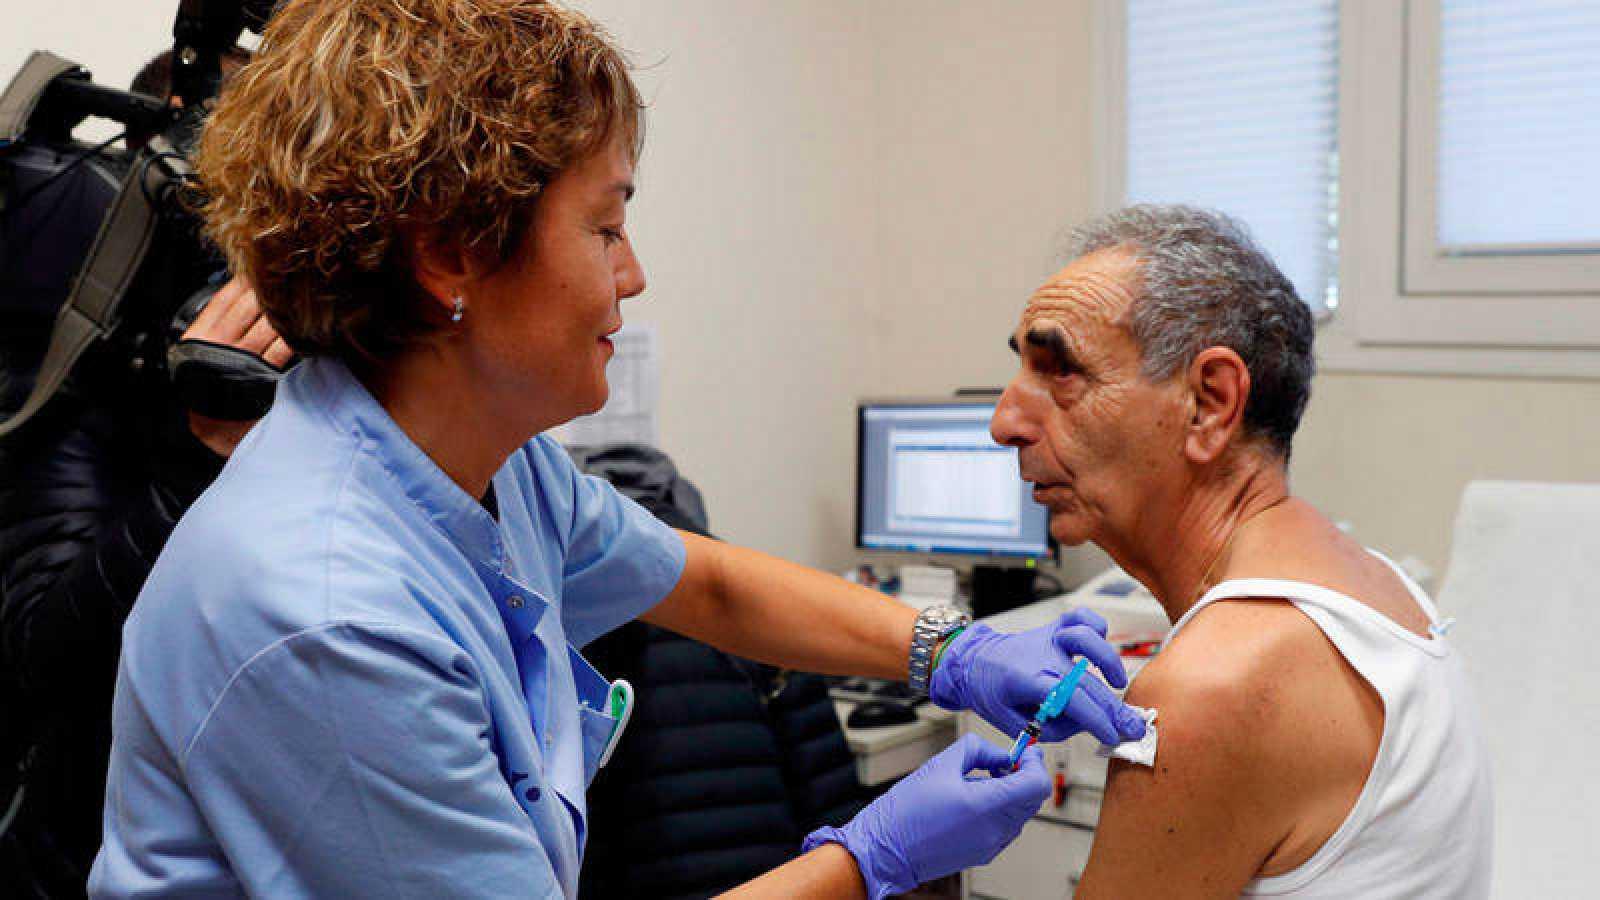 Un hombre, perteneciente a un grupo de riesgo (mayores de 65 años) se vacuna contra la gripe en el mes de septiembre